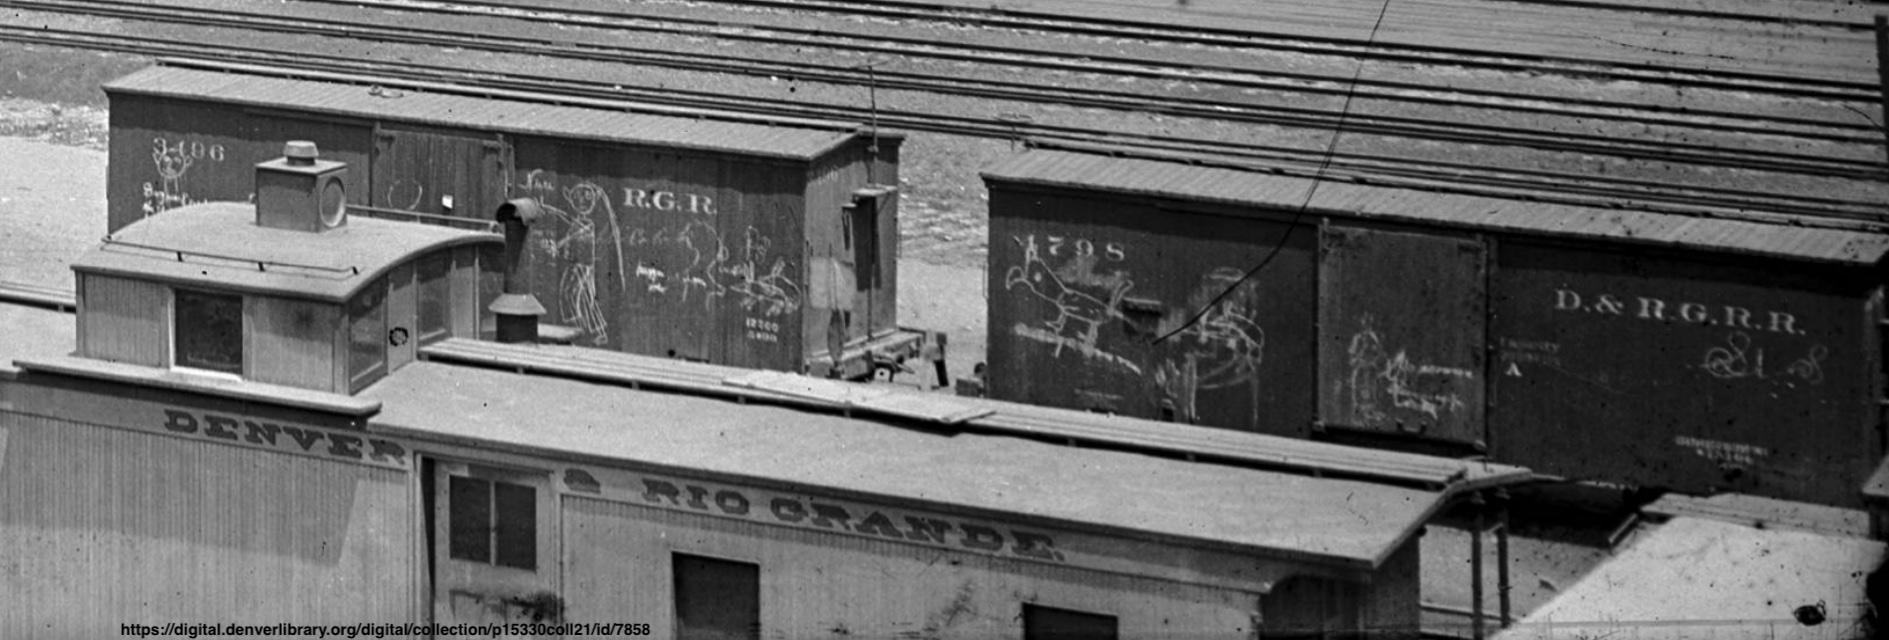 1905-graffiti-1.jpg